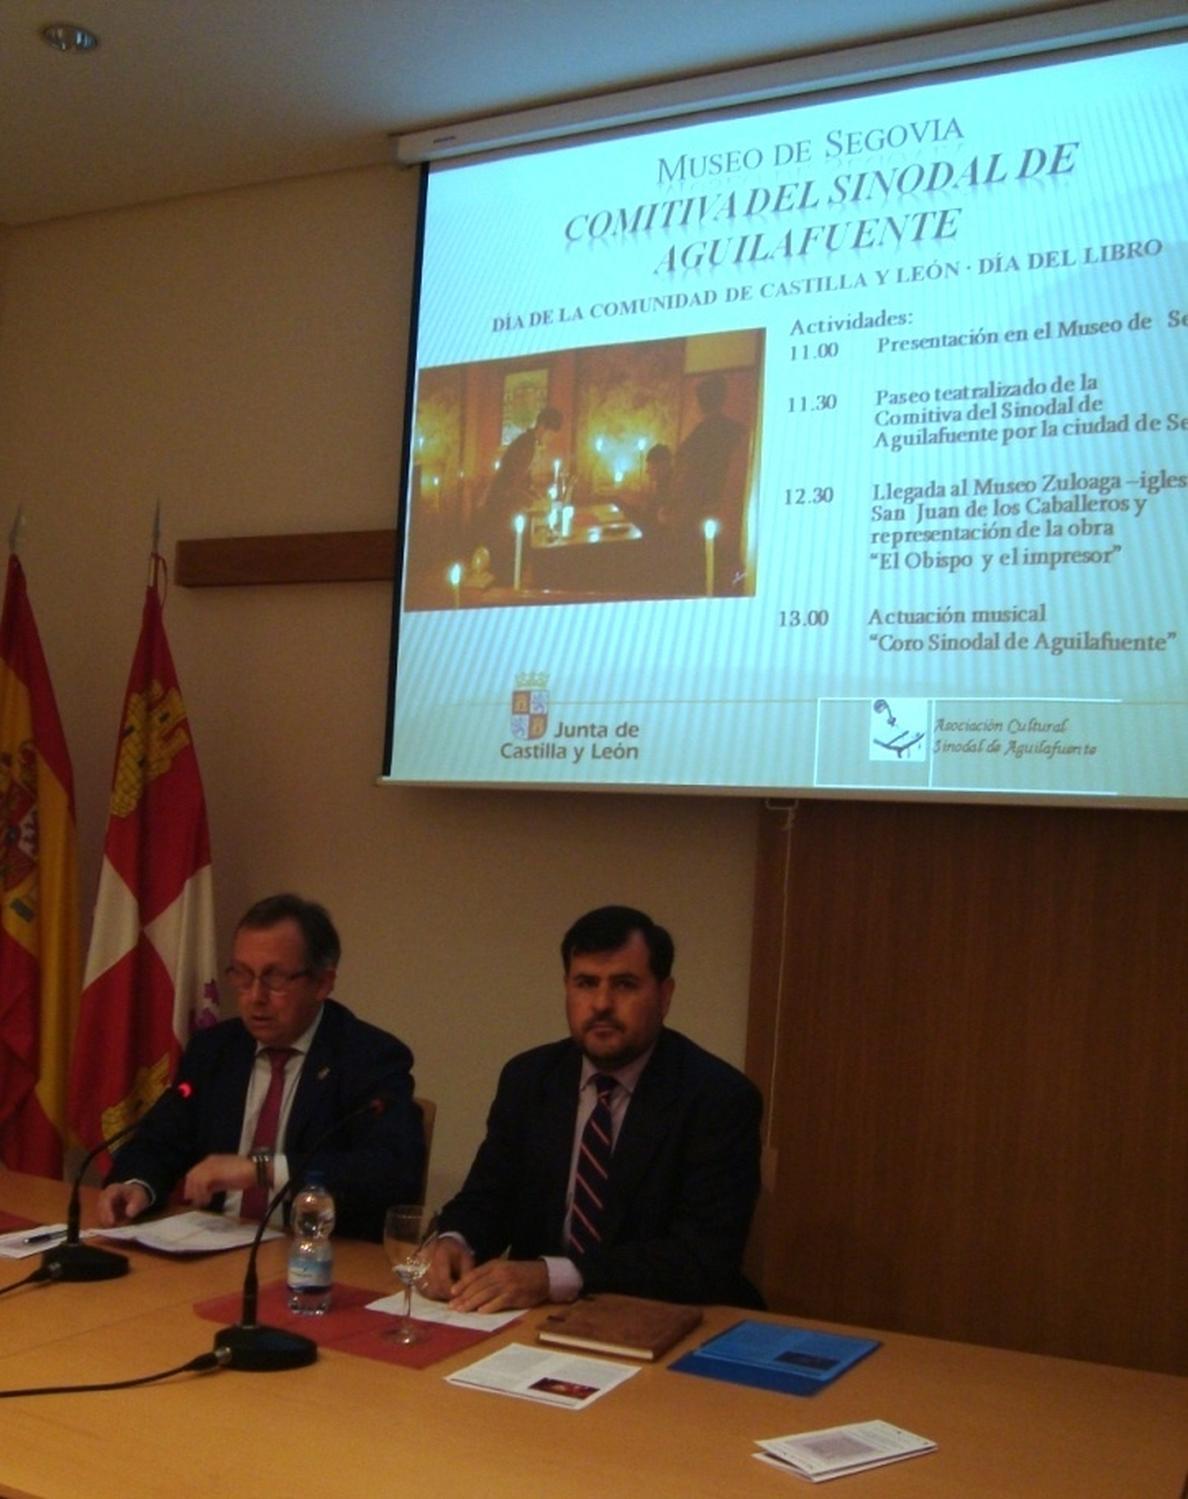 Los espectáculos del Sinodal de Aguilafuente, primer incunable de España, se trasladarán a Segovia por el Día del Libro